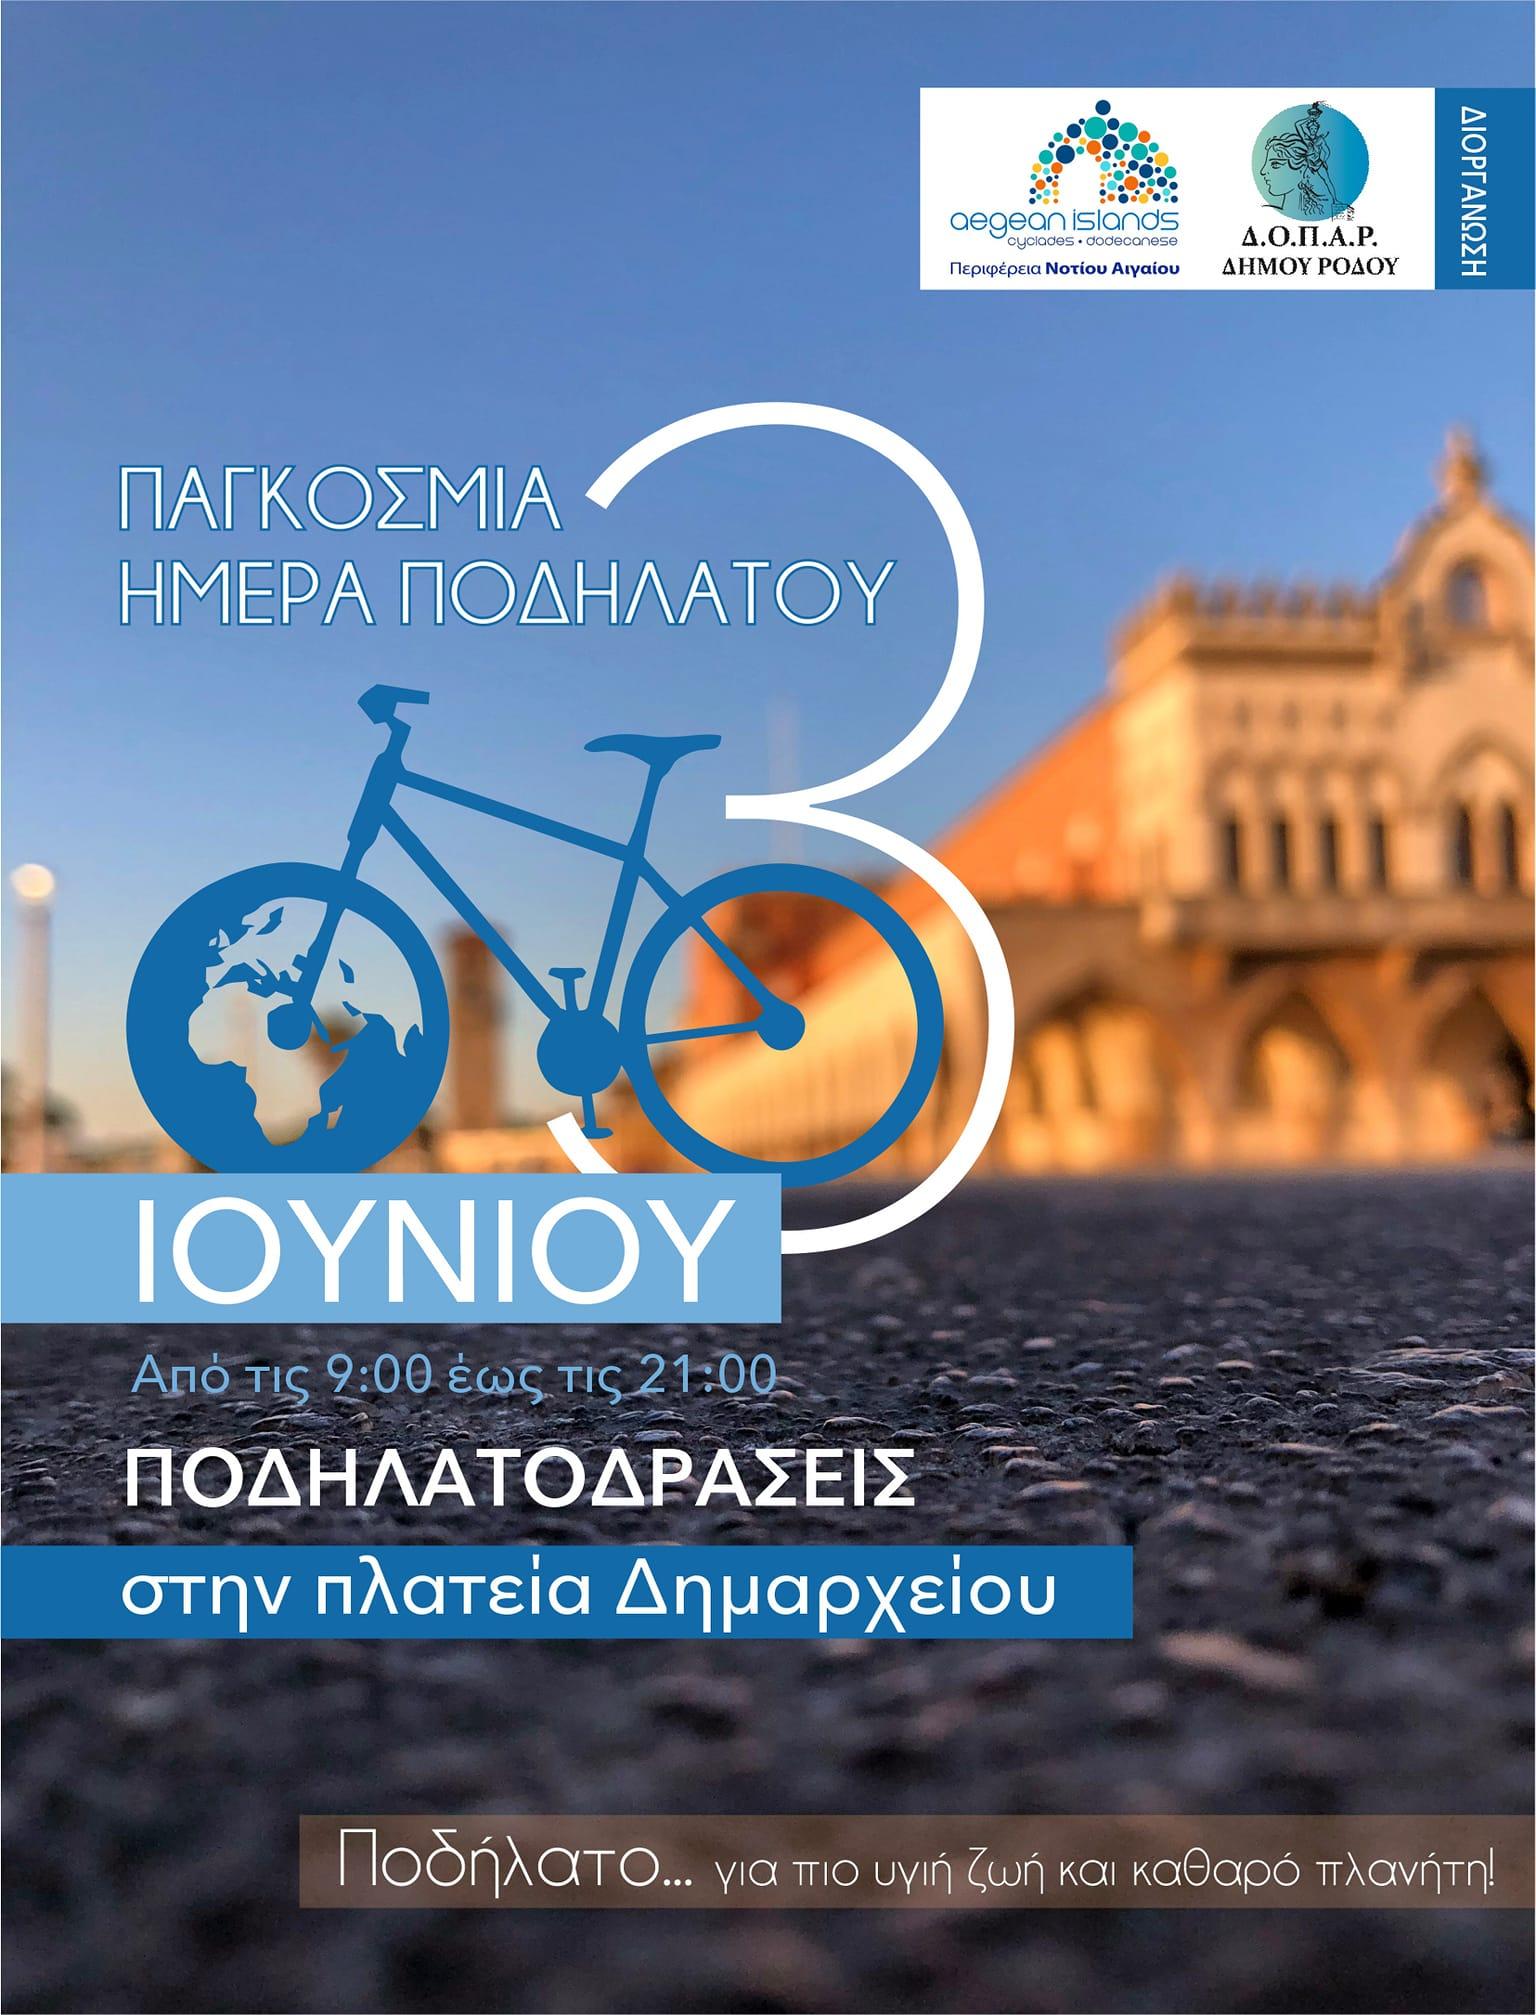 Πάμε πλατεία με το ποδήλατο….